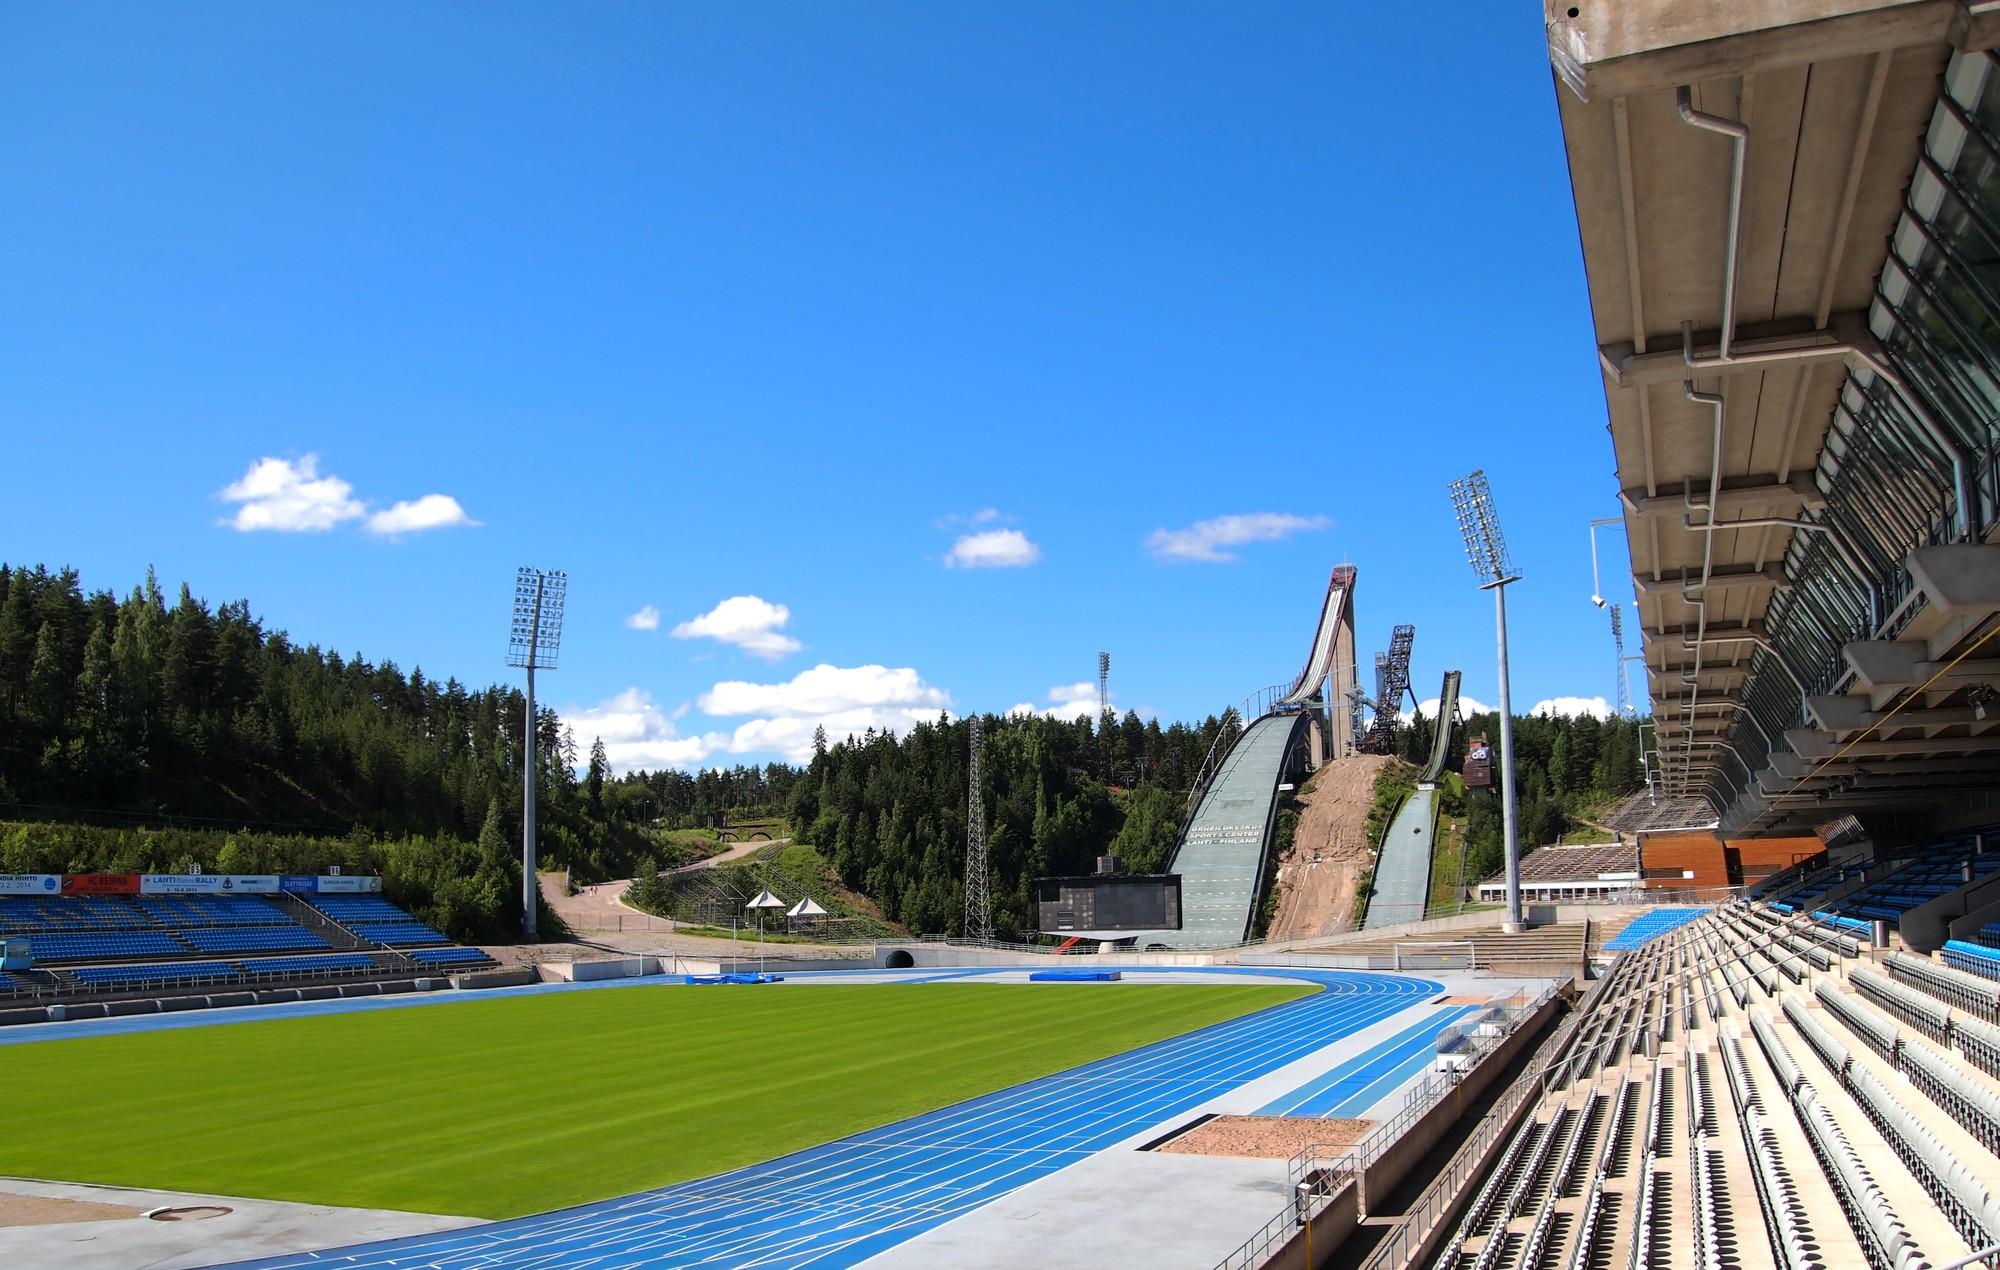 Φινλανδία: δυο αγώνες της 12ης αγωνιστικής